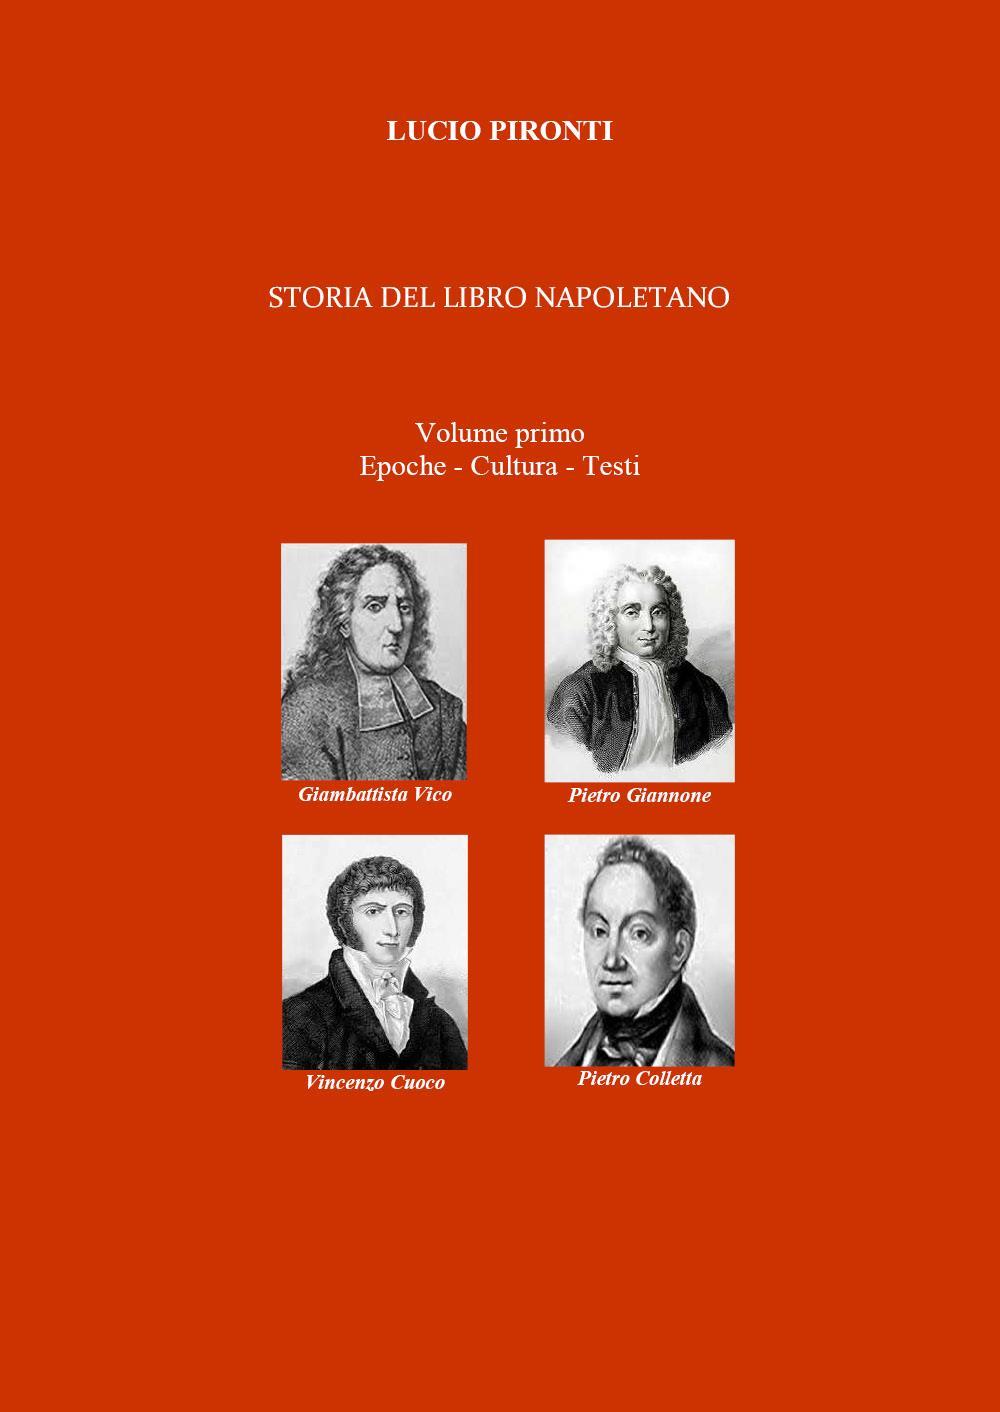 Storia del libro napoletano. Volume primo. Epoche - Cultura - Testi